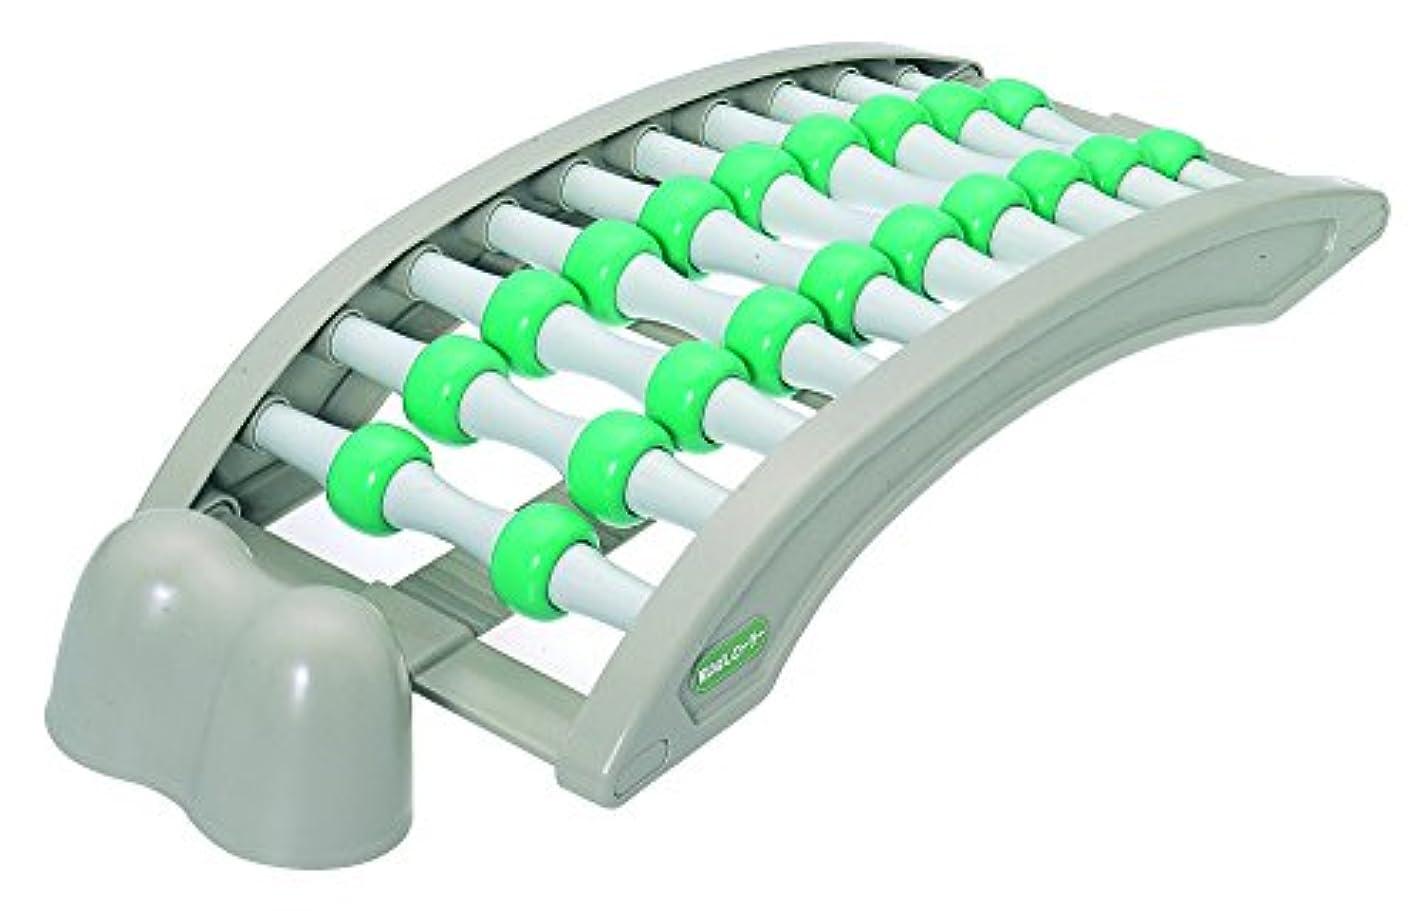 追うすり減る何十人もアイワ 健康器具 背のばしローラー